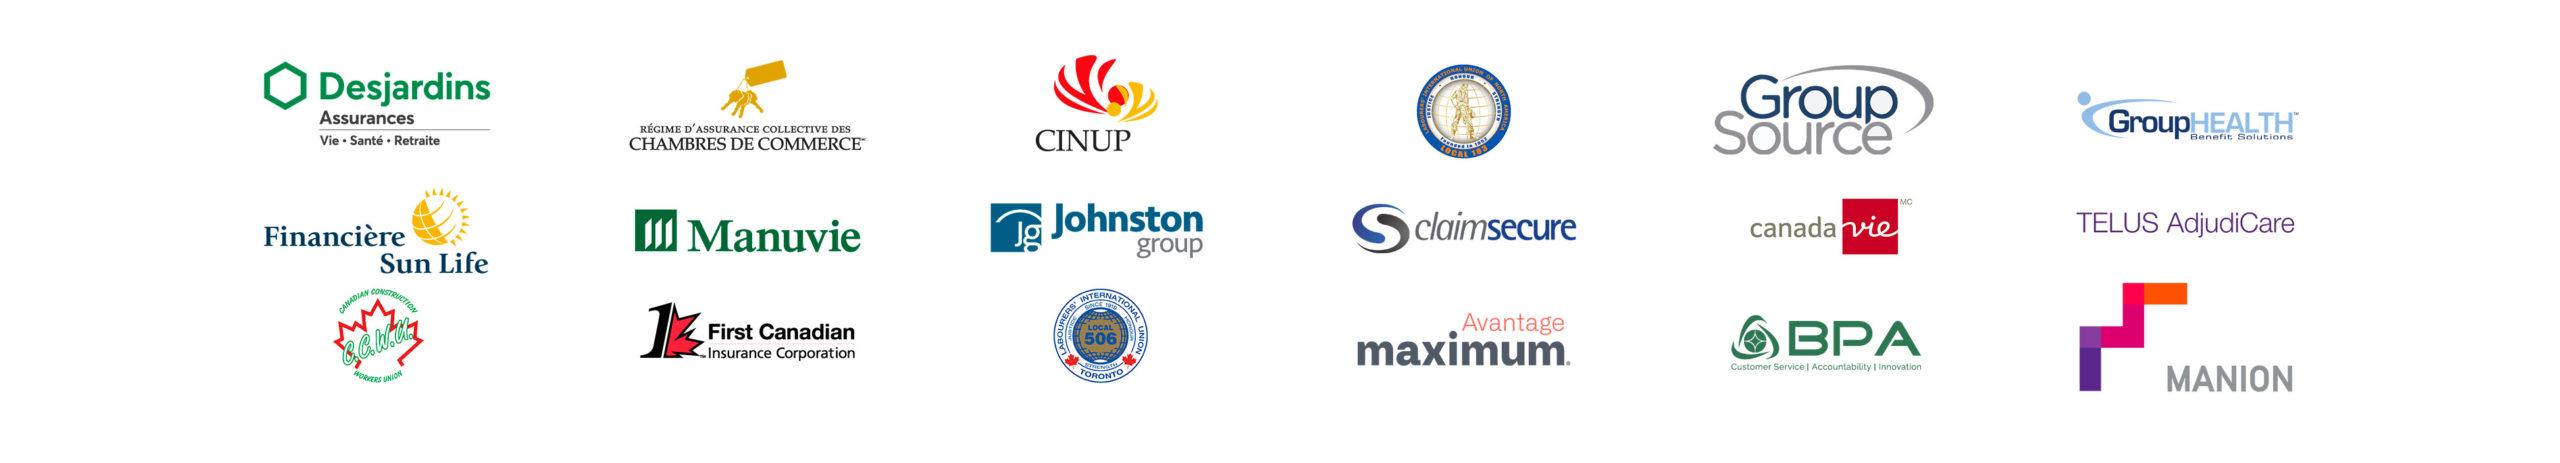 eClaims insurer list